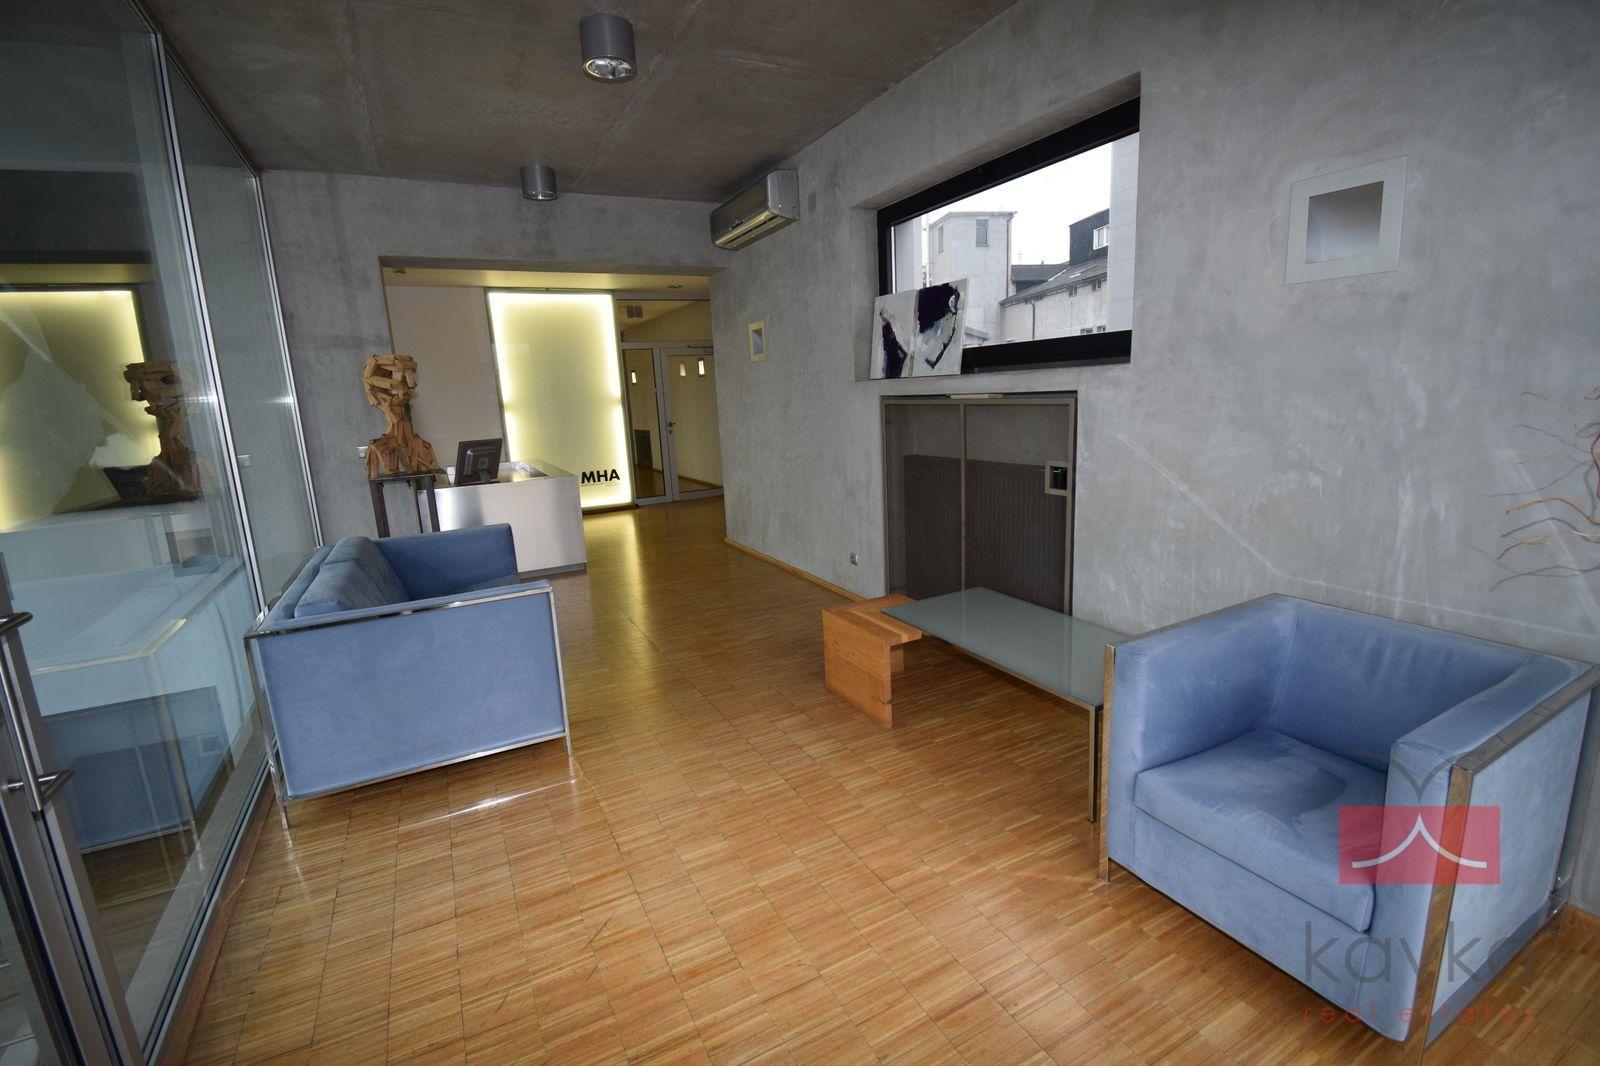 Pronájem reprezentativních kancelářských prostor, 222,7 m2, Humpolec